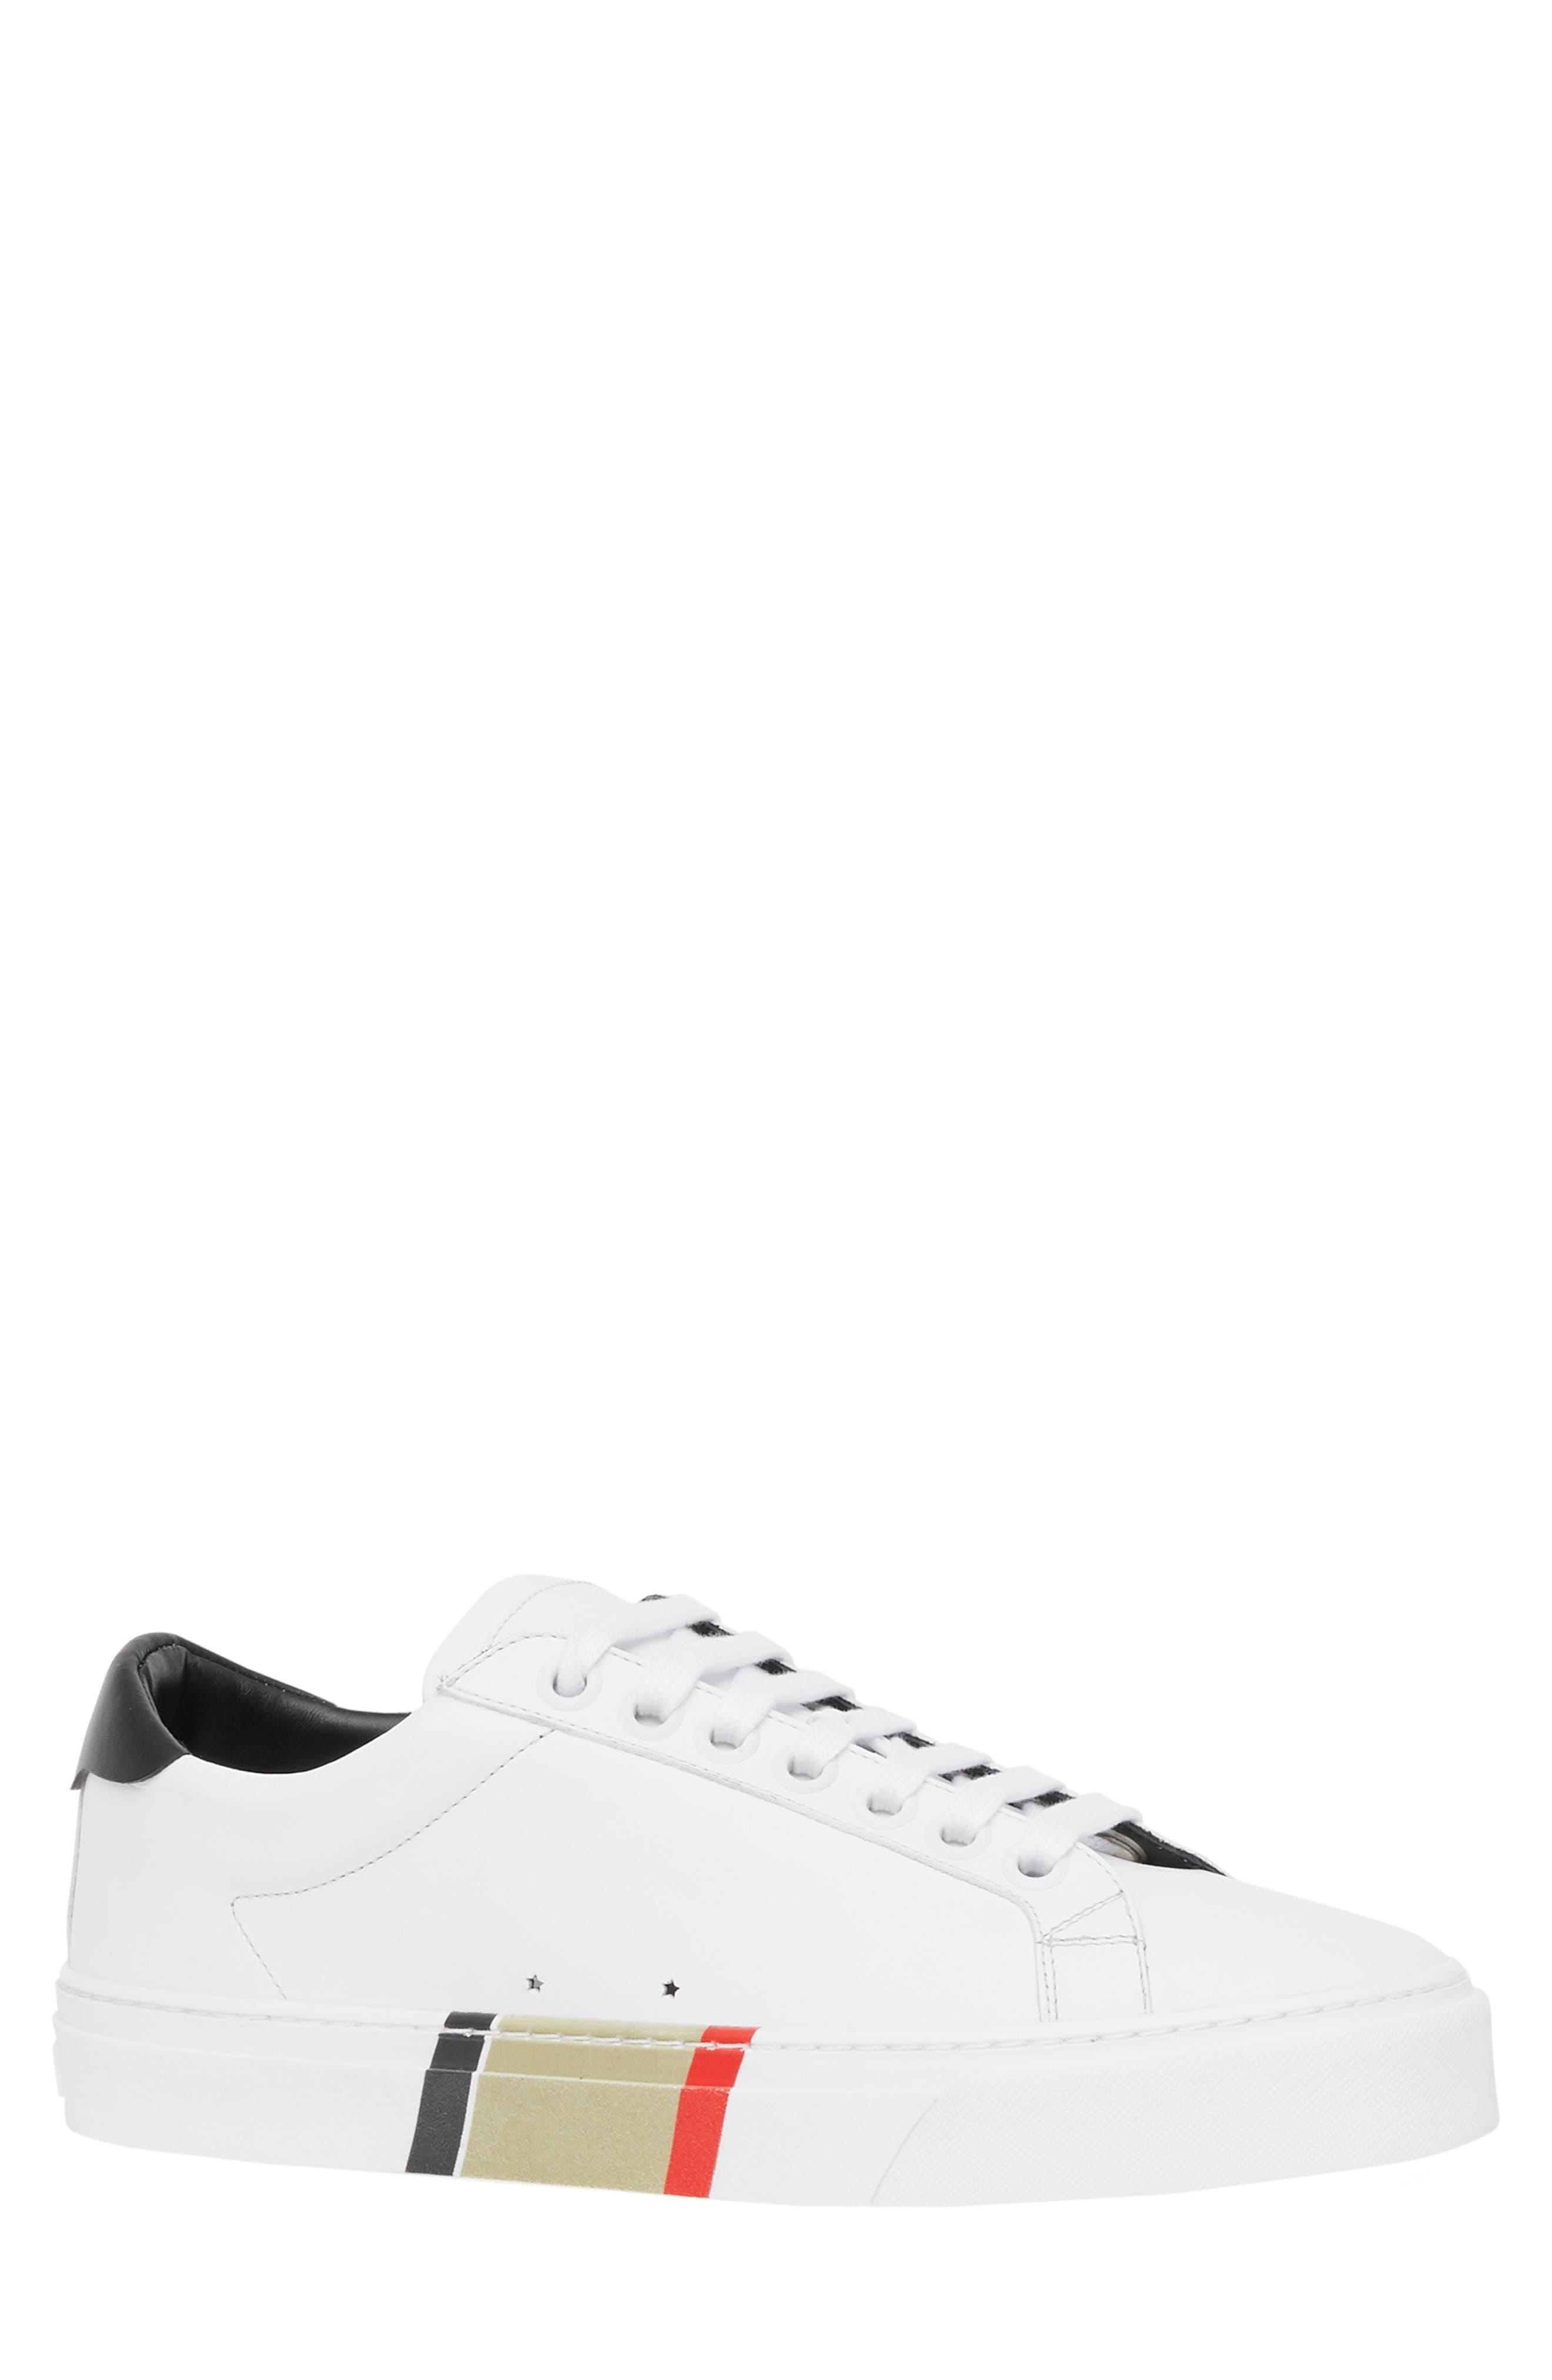 Burberry Designer Sneakers   Nordstrom